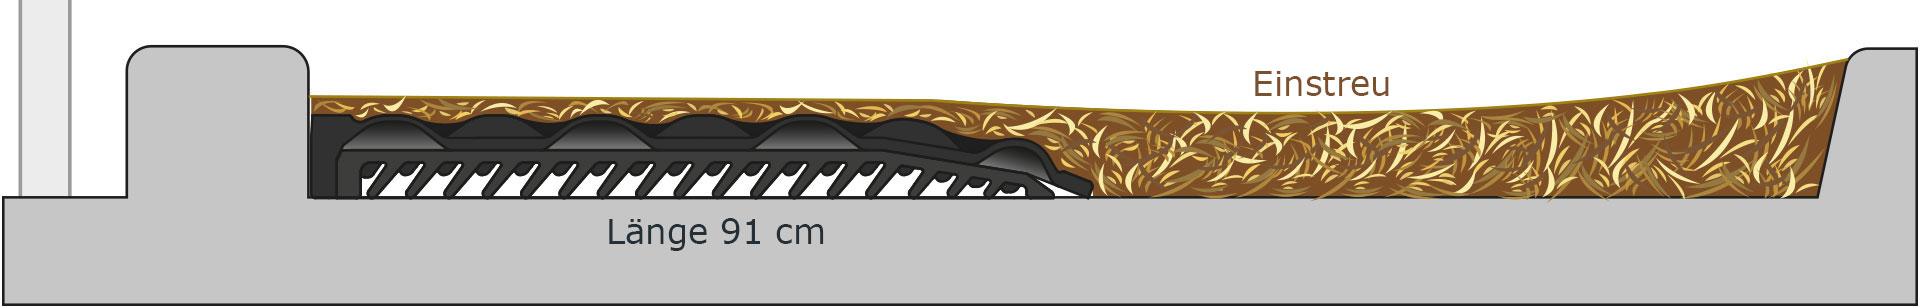 Das Tiefboxenkissen aus Gummi KRAIBURG POLSTA im schematischen Querschnitt